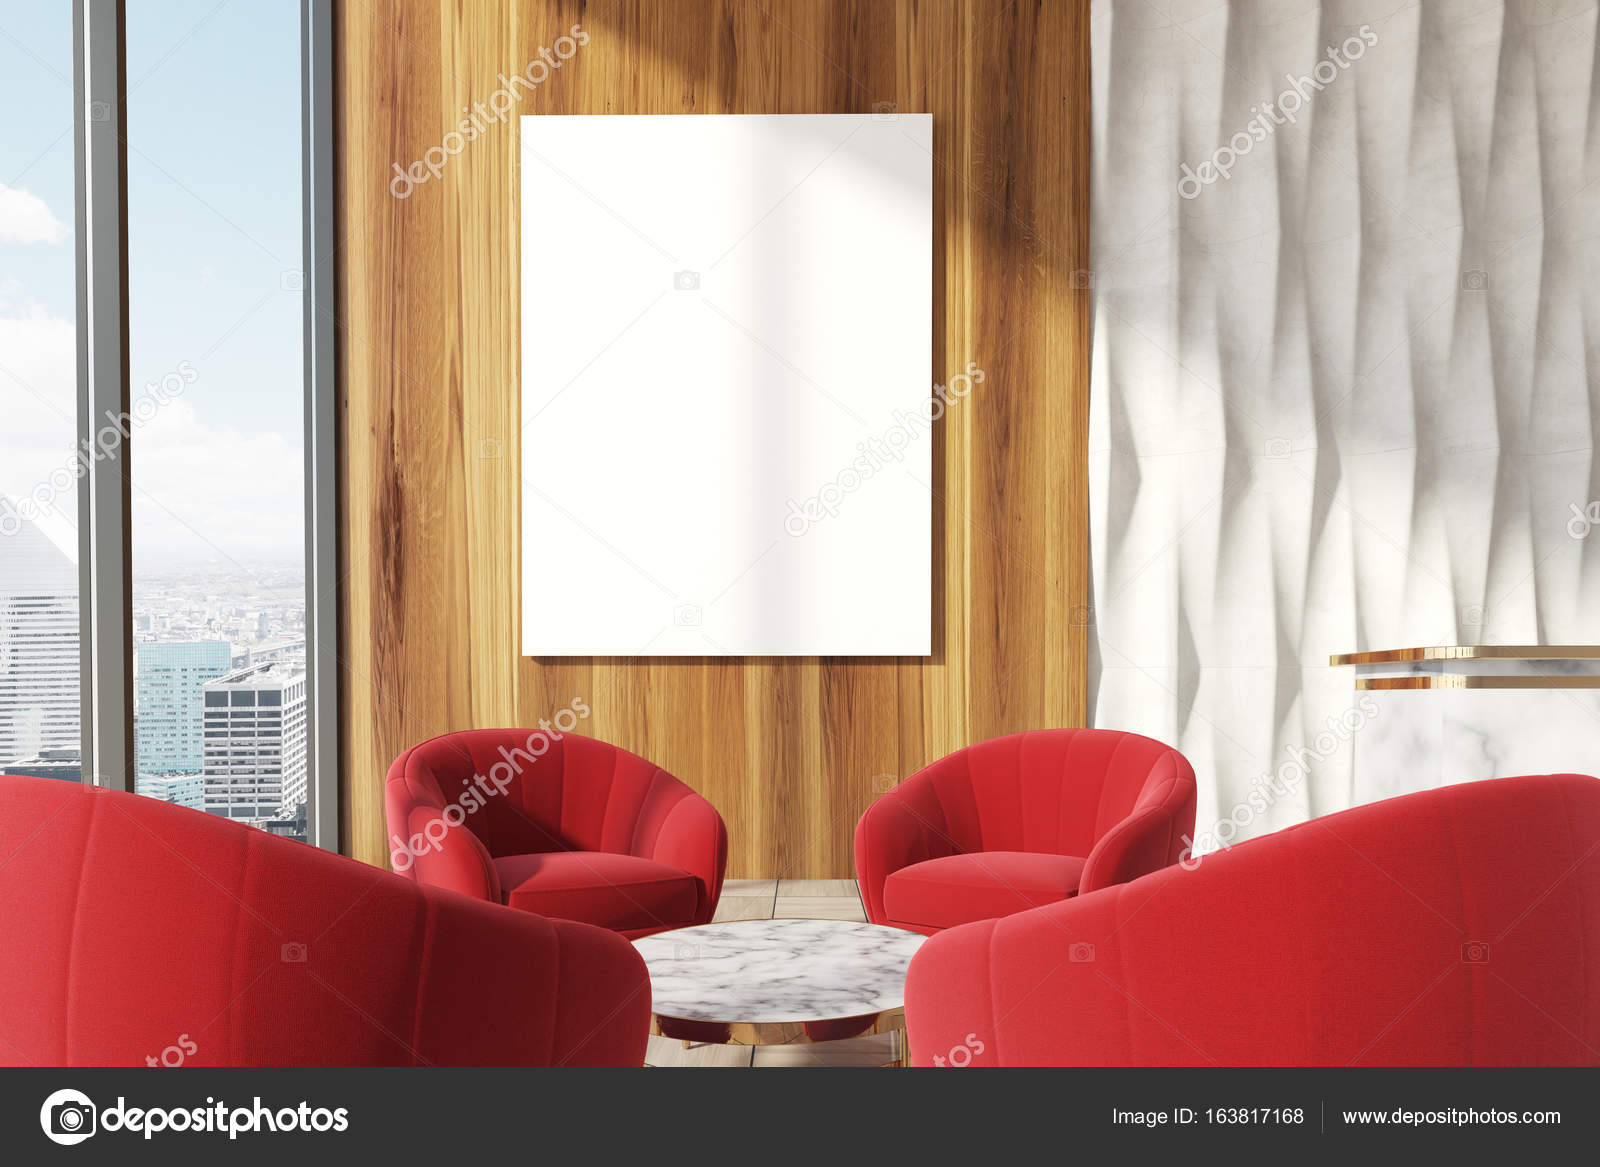 Rode Stoelen Fauteuils.Office Wachtruimte Met Rode Fauteuils Poster Stockfoto